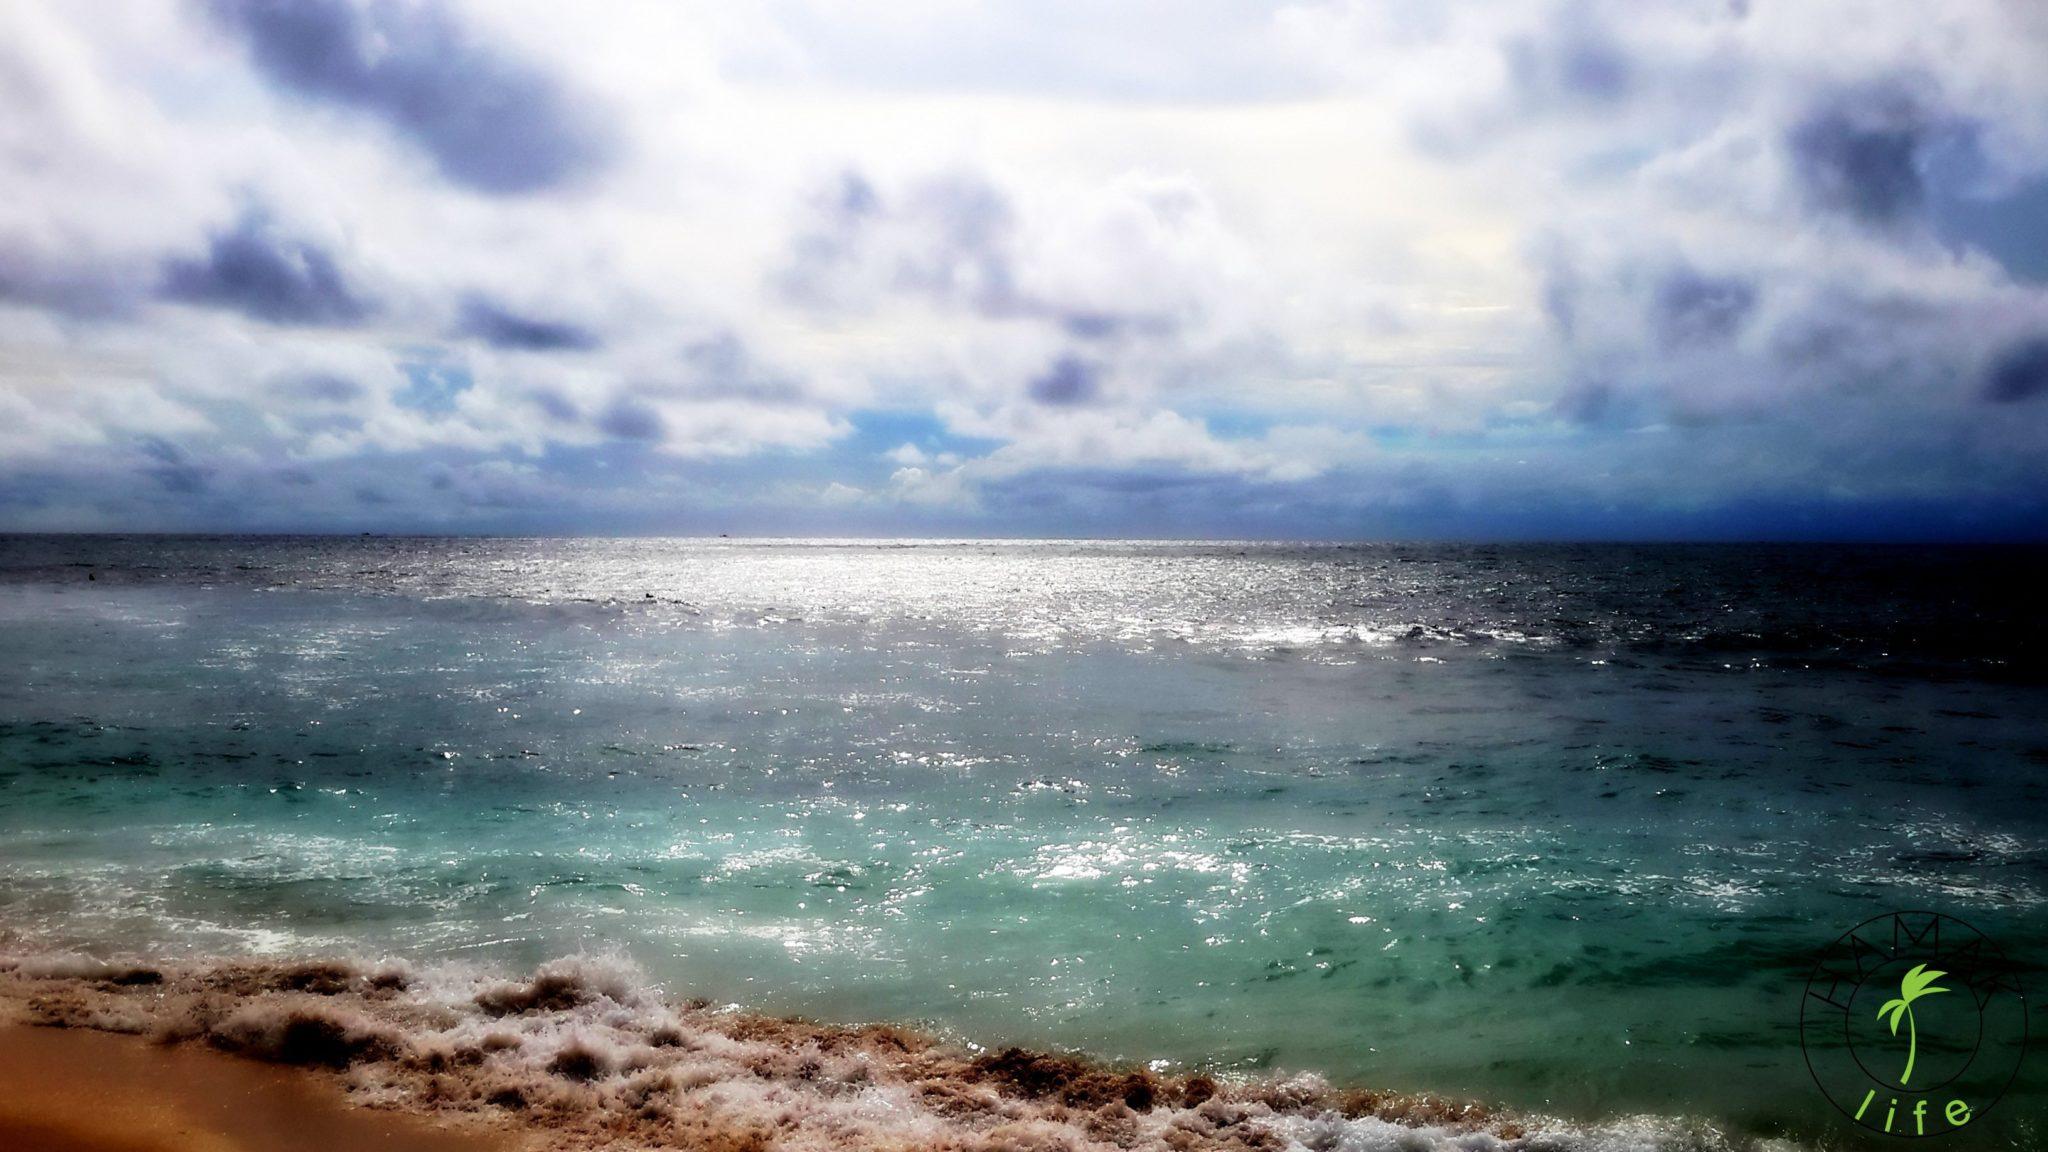 Konstelacja wodnika i dziewczyna widmo, czyli magiczna aura balijskich plaż